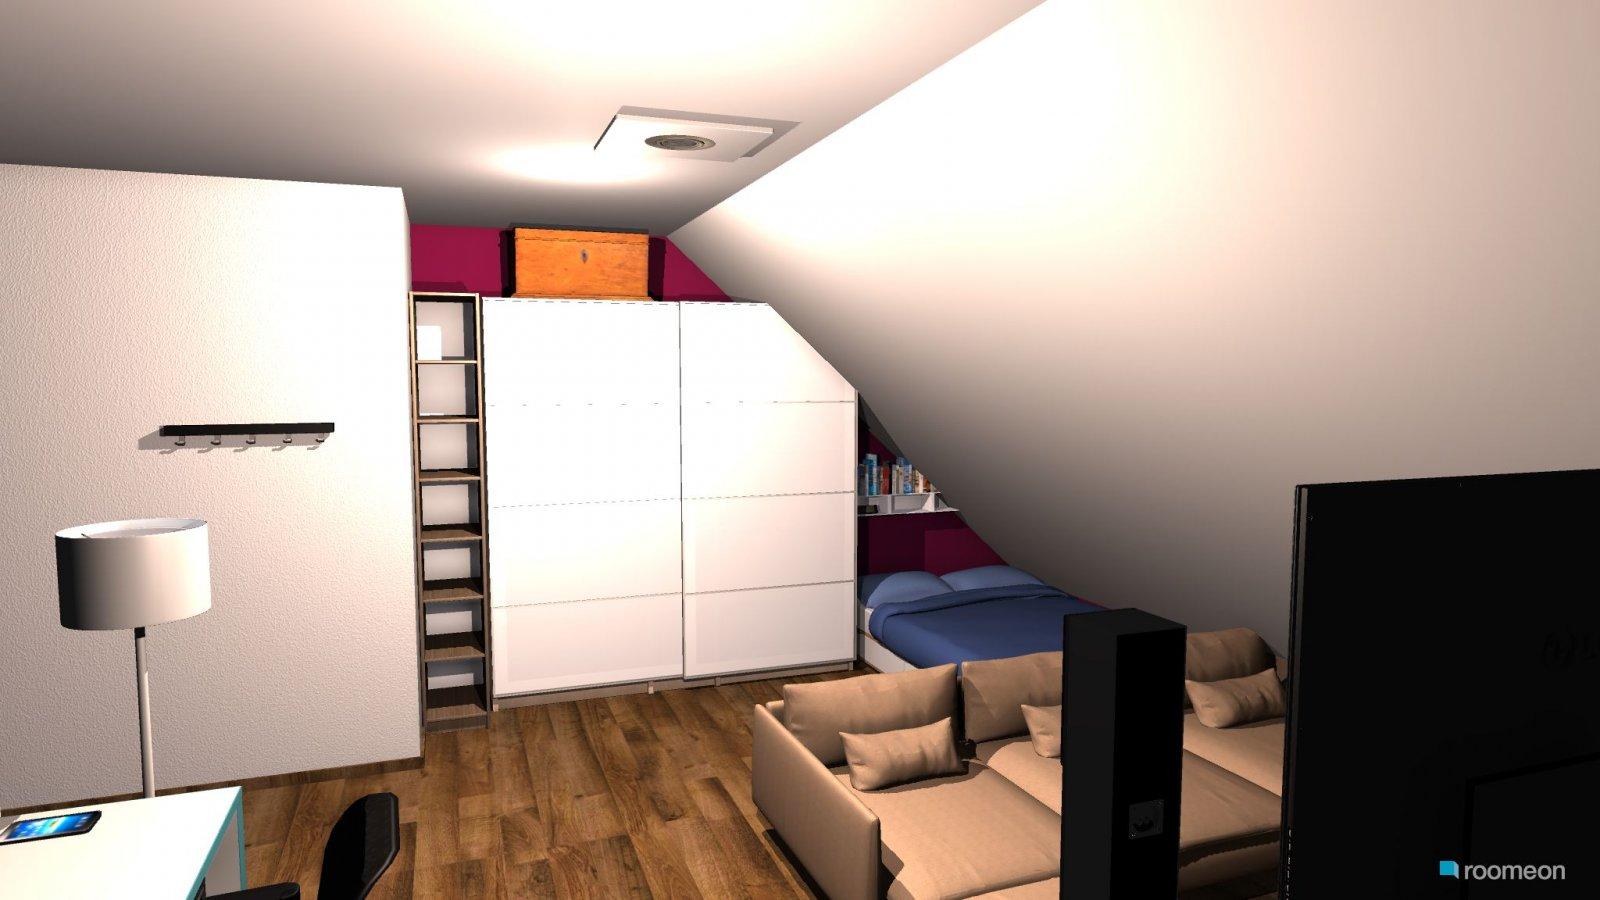 Ansprechend Kinderzimmer Mit Dachschräge Dekoration Von Raumgestaltung Dachschräge In Der Kategorie